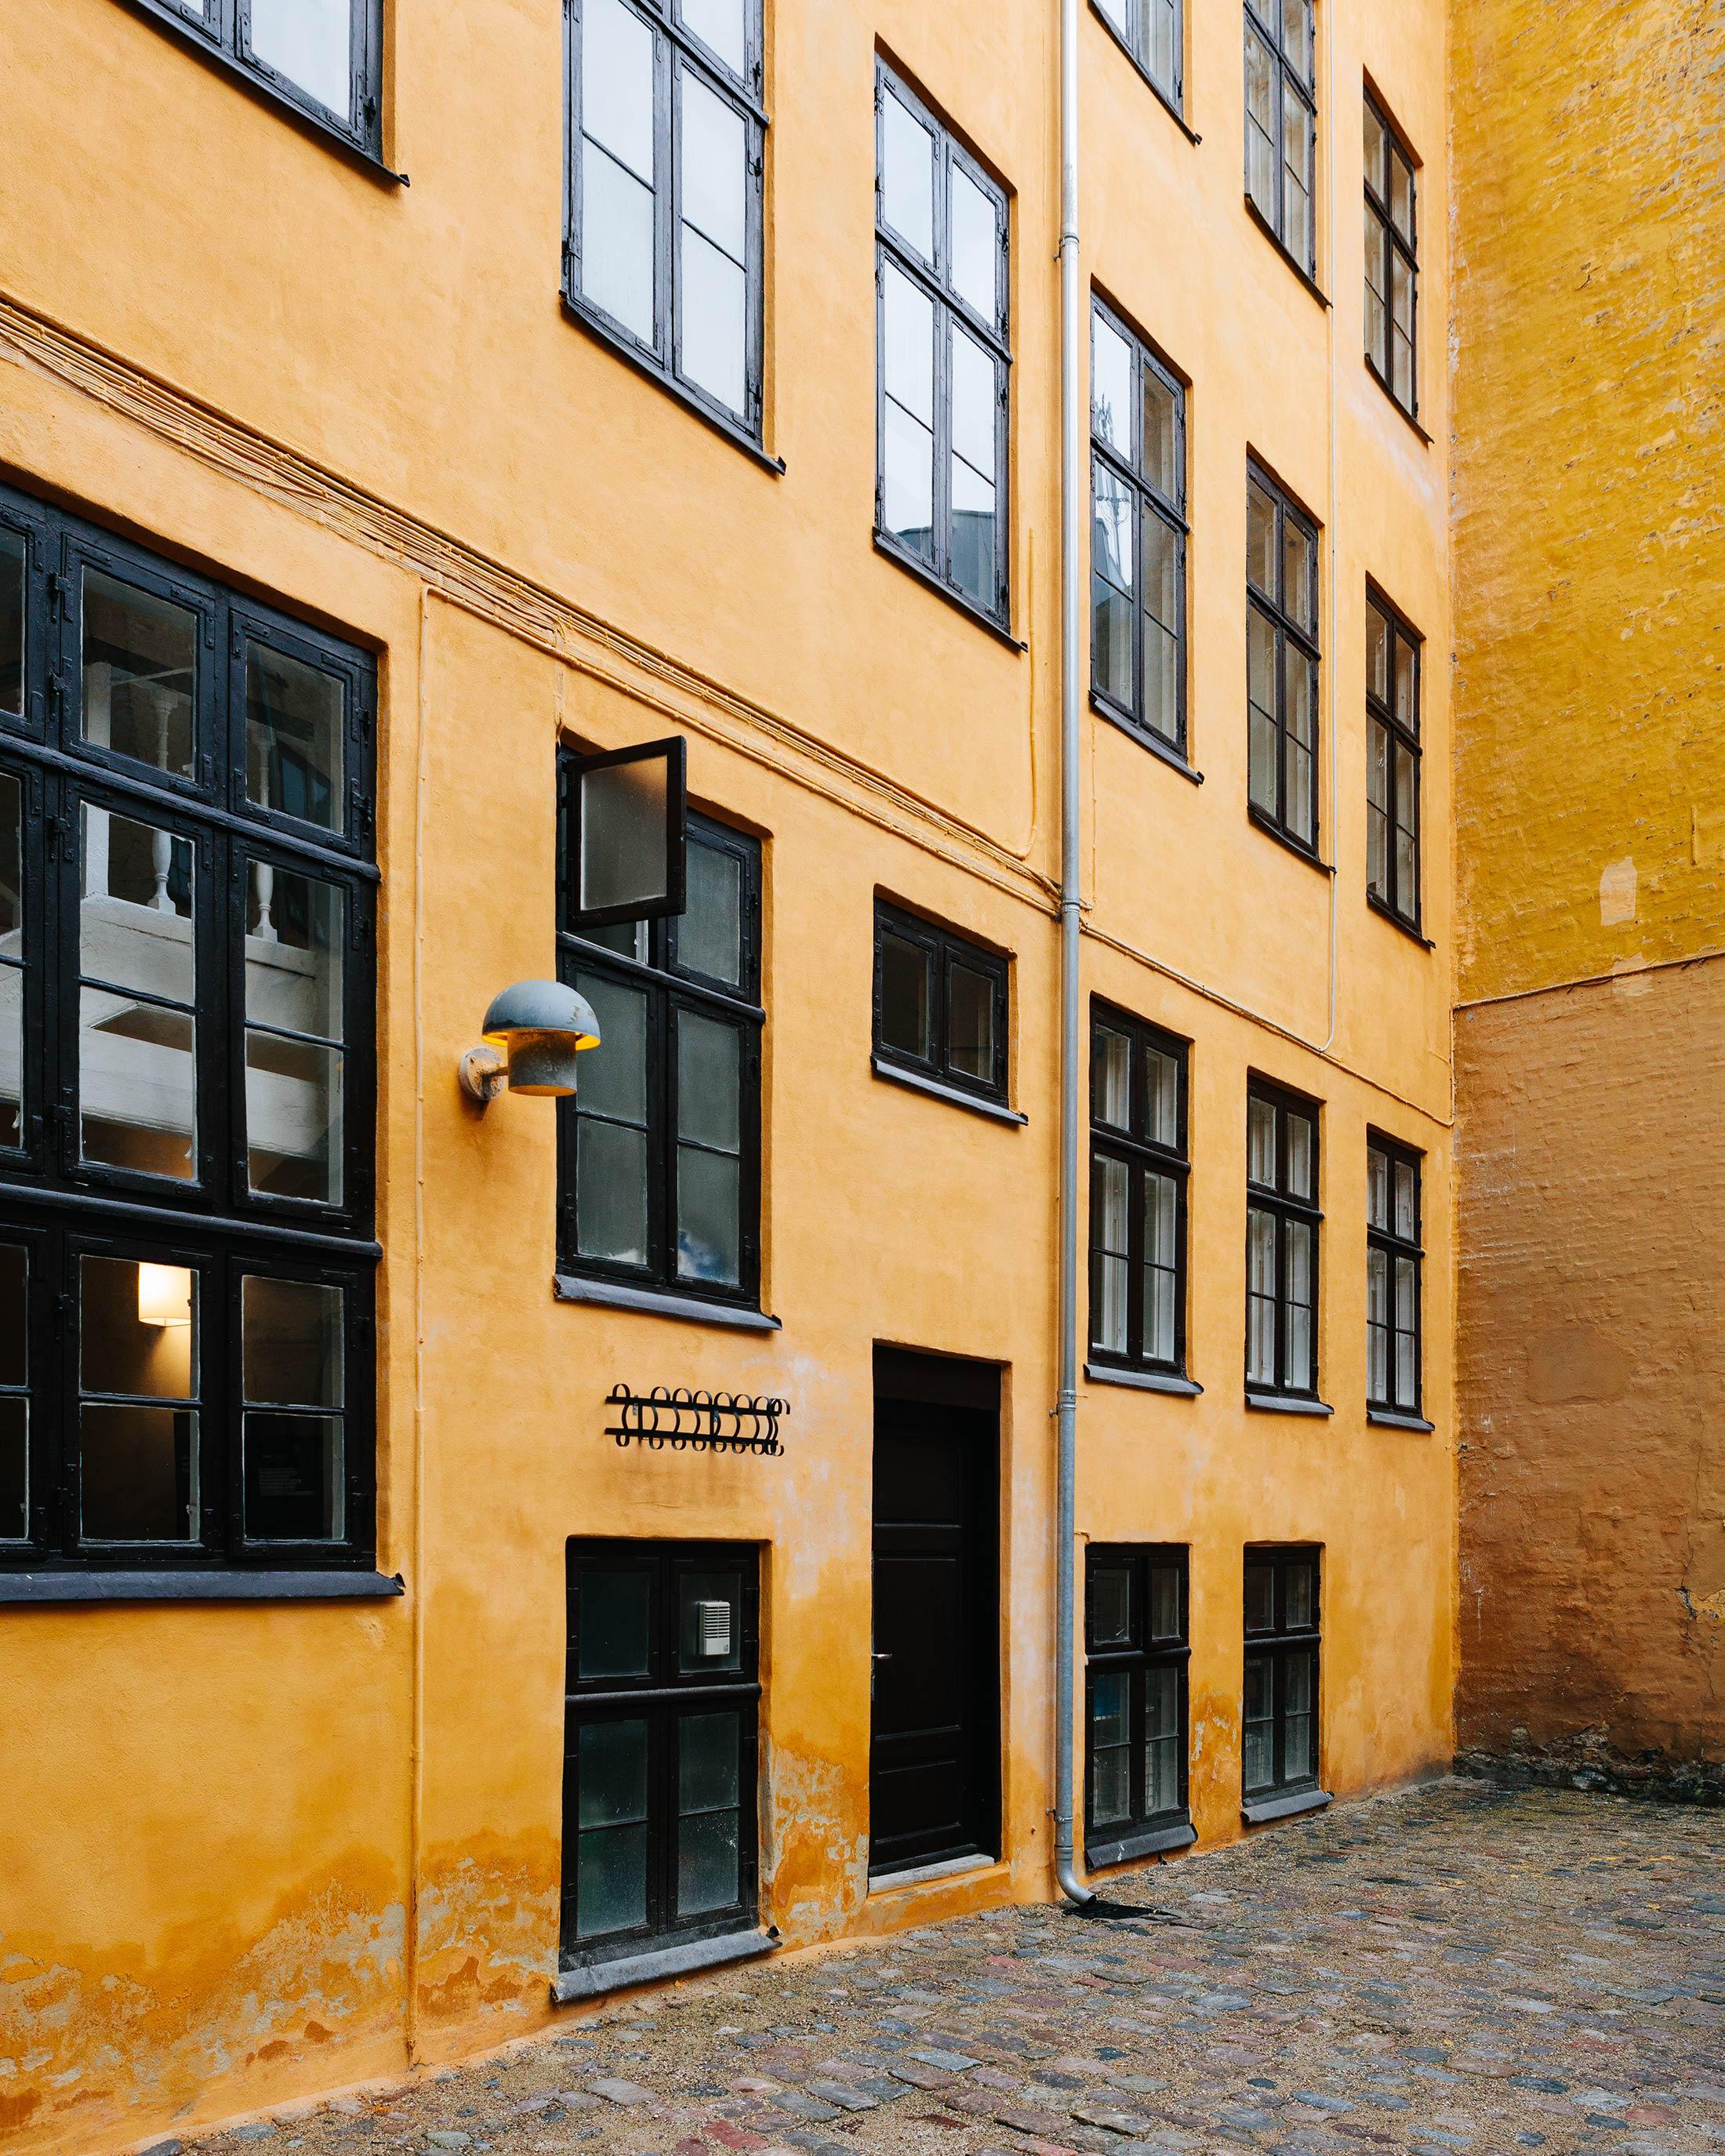 CPH_Kopenhagen_04-Mitja_Schneehage